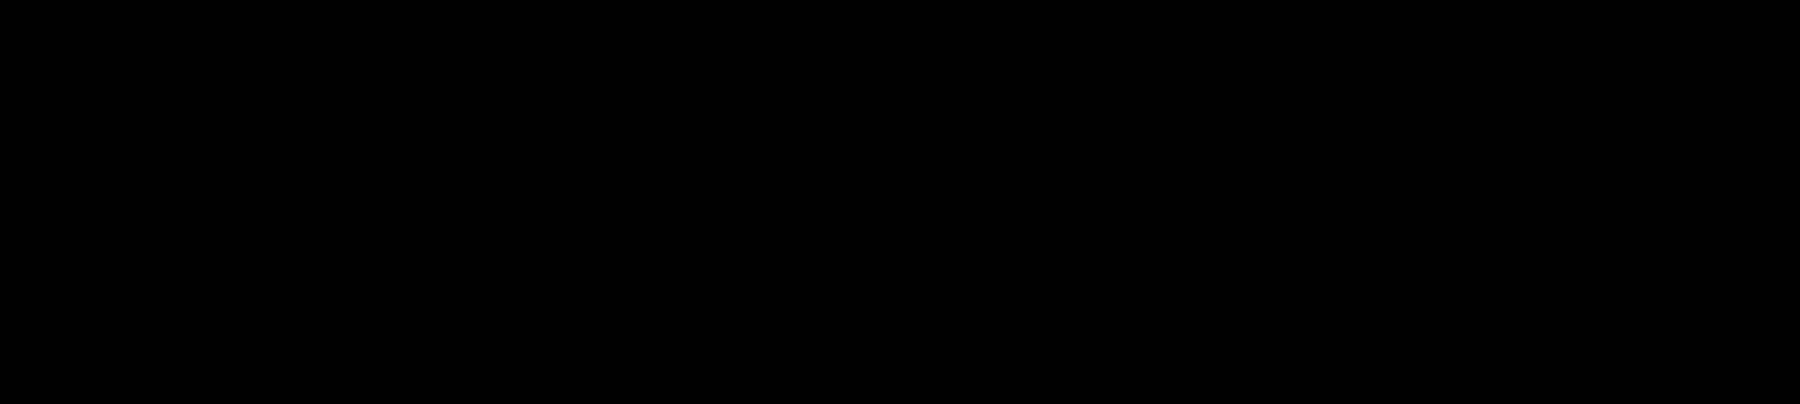 Tilmor Logo Black